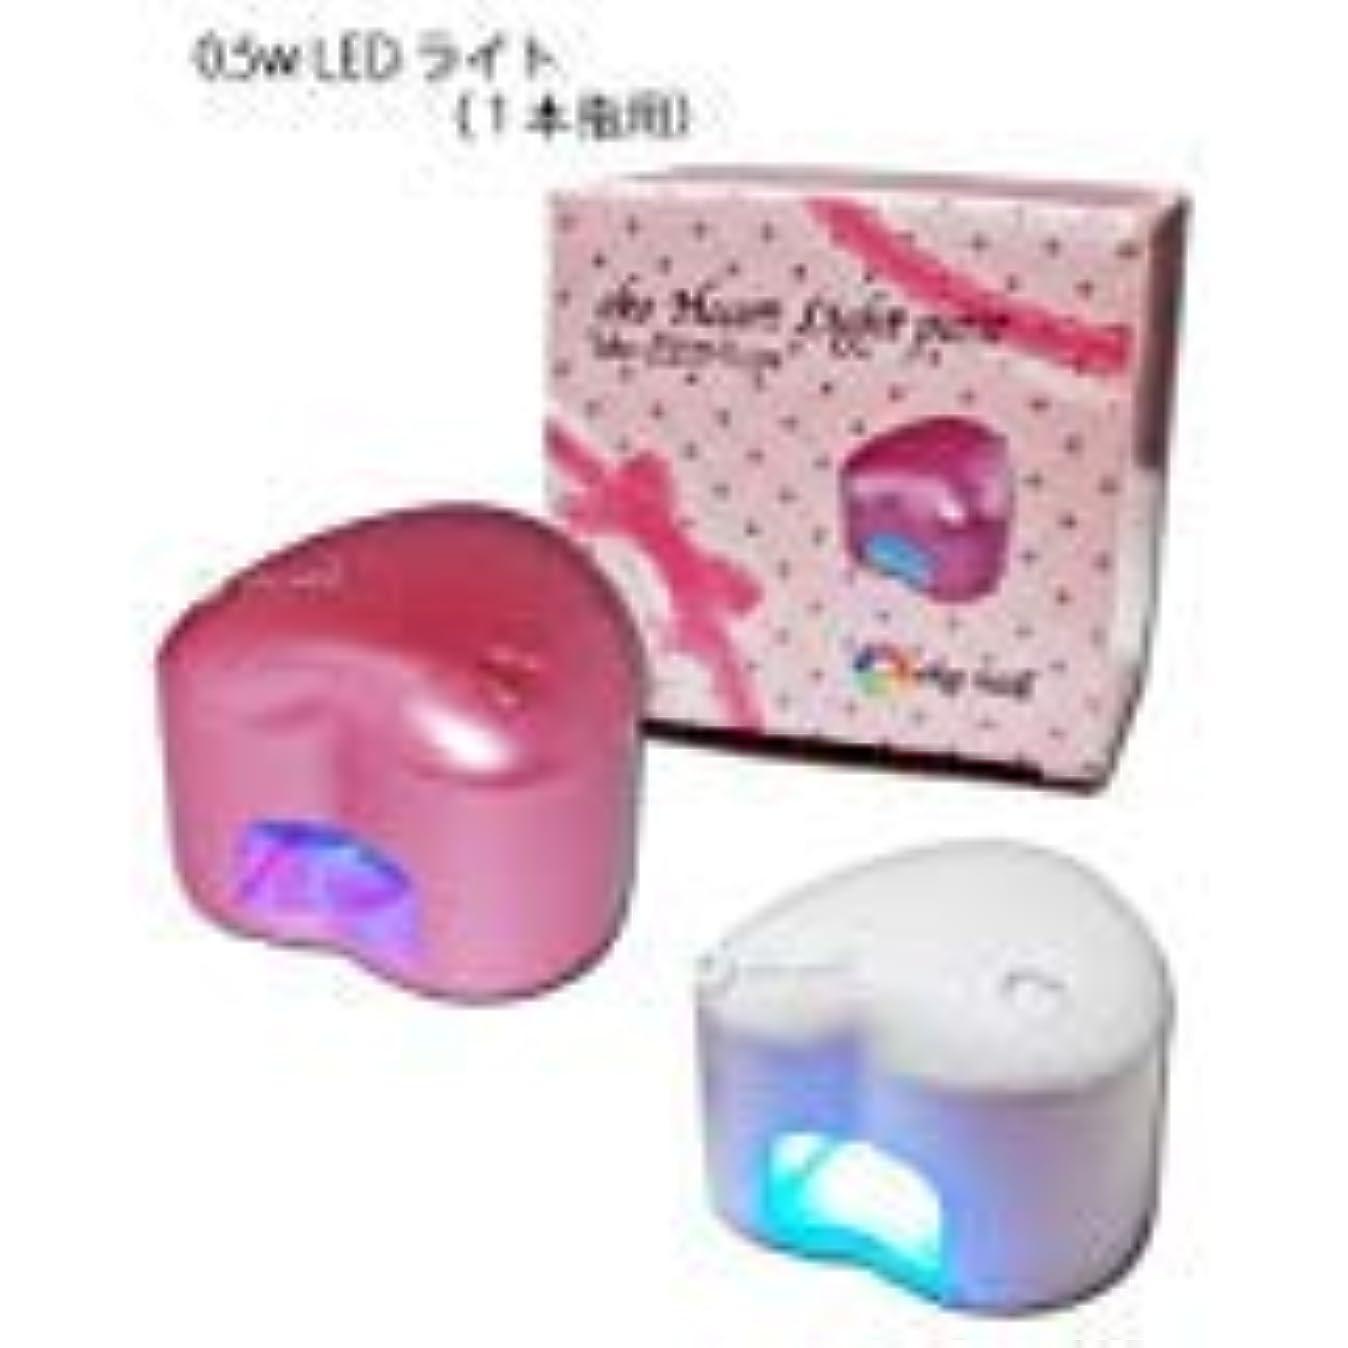 またはどちらかスキム引くジェルネイル用 LED-UVライト3W ハート パールホワイト/パールピンク (パールピンク)